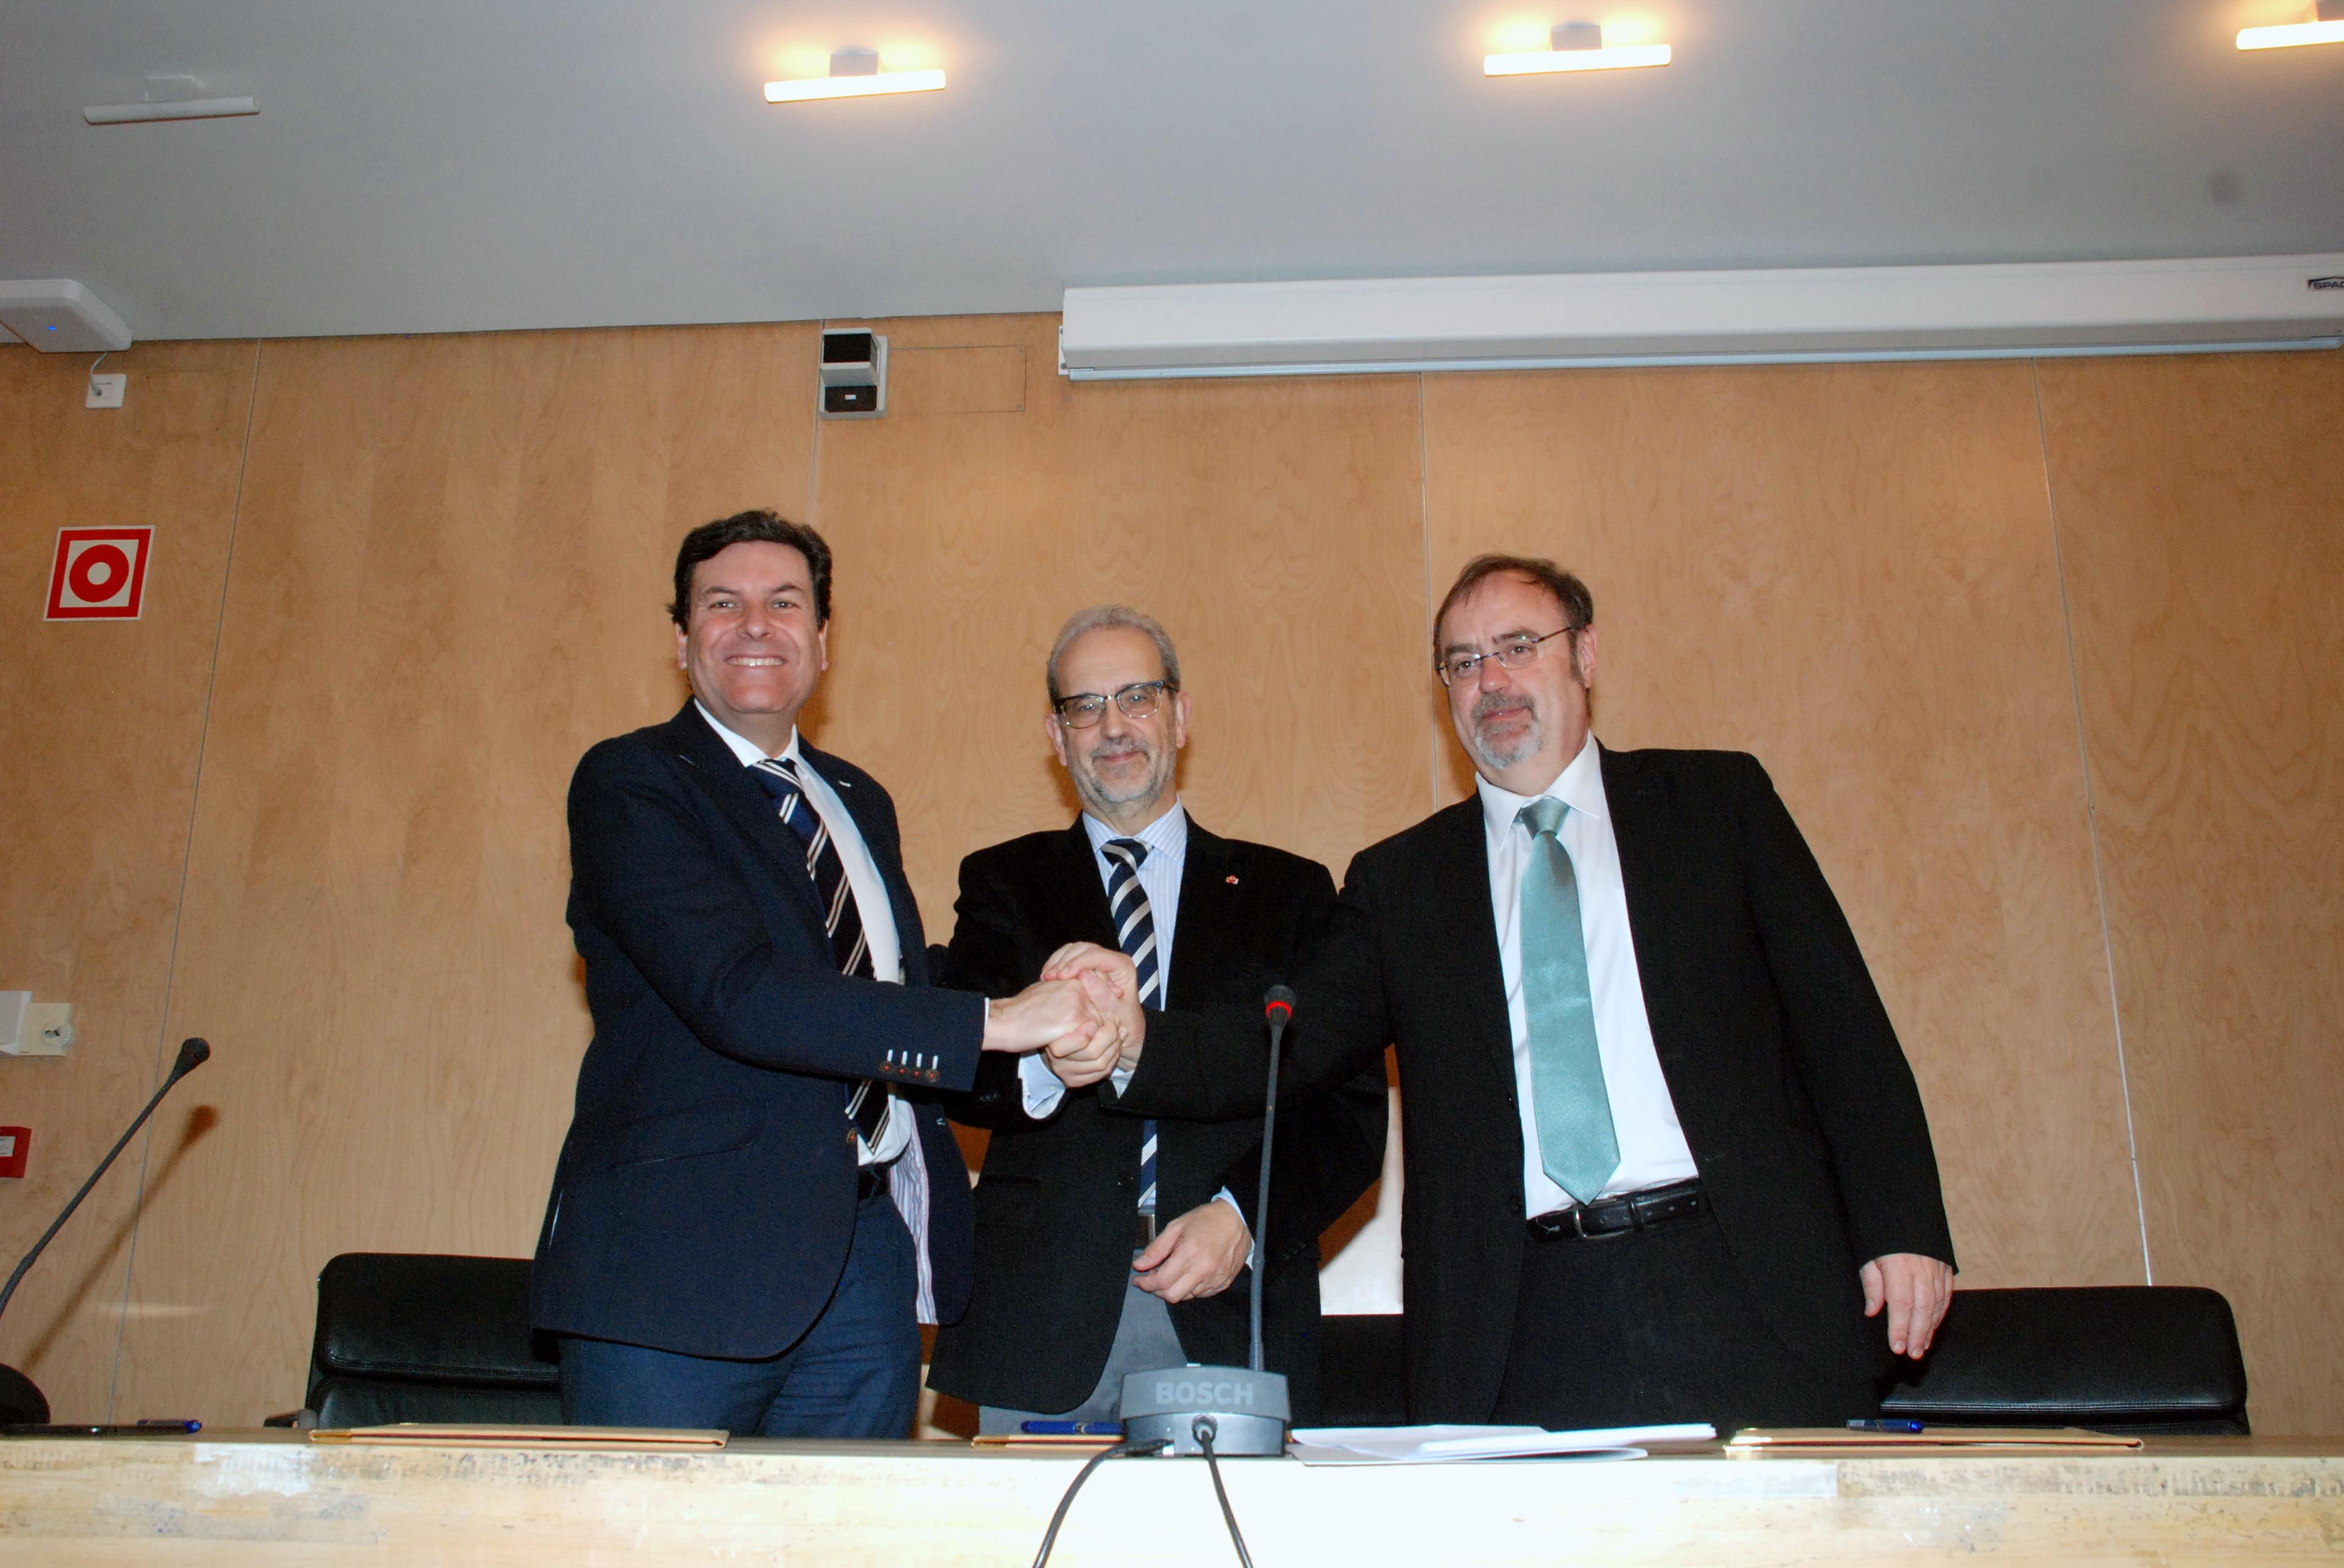 Las consejerías de Empleo y de Educación y las universidades públicas de Castilla y León impulsan la prevención de riesgos laborales a través de 'Universitas'